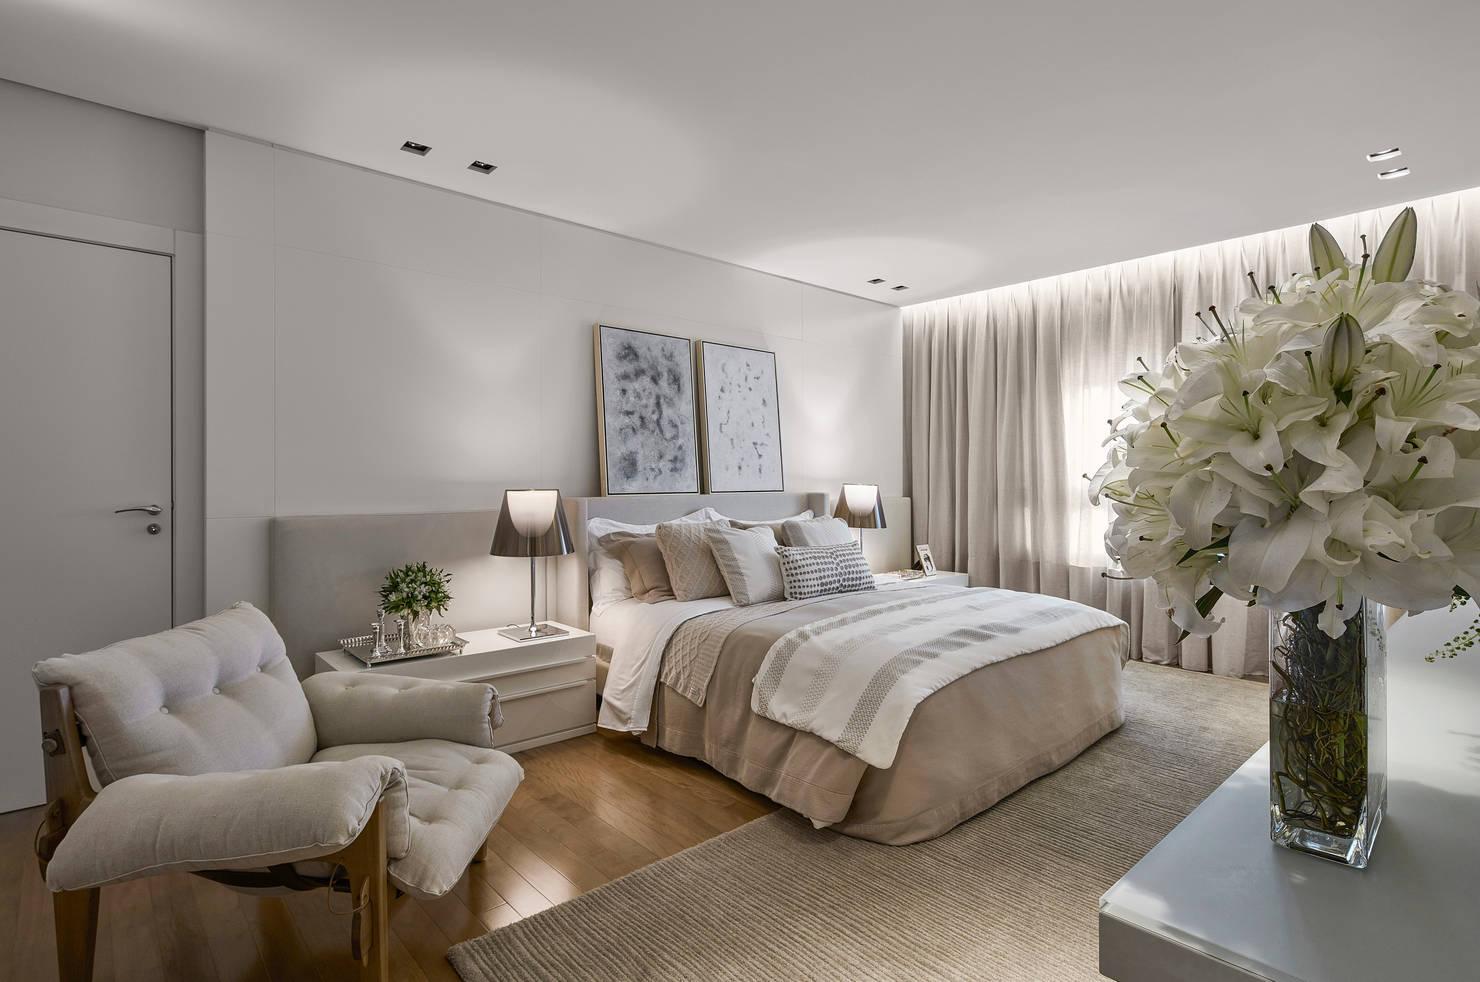 Découvrez le style parfait pour votre chambre